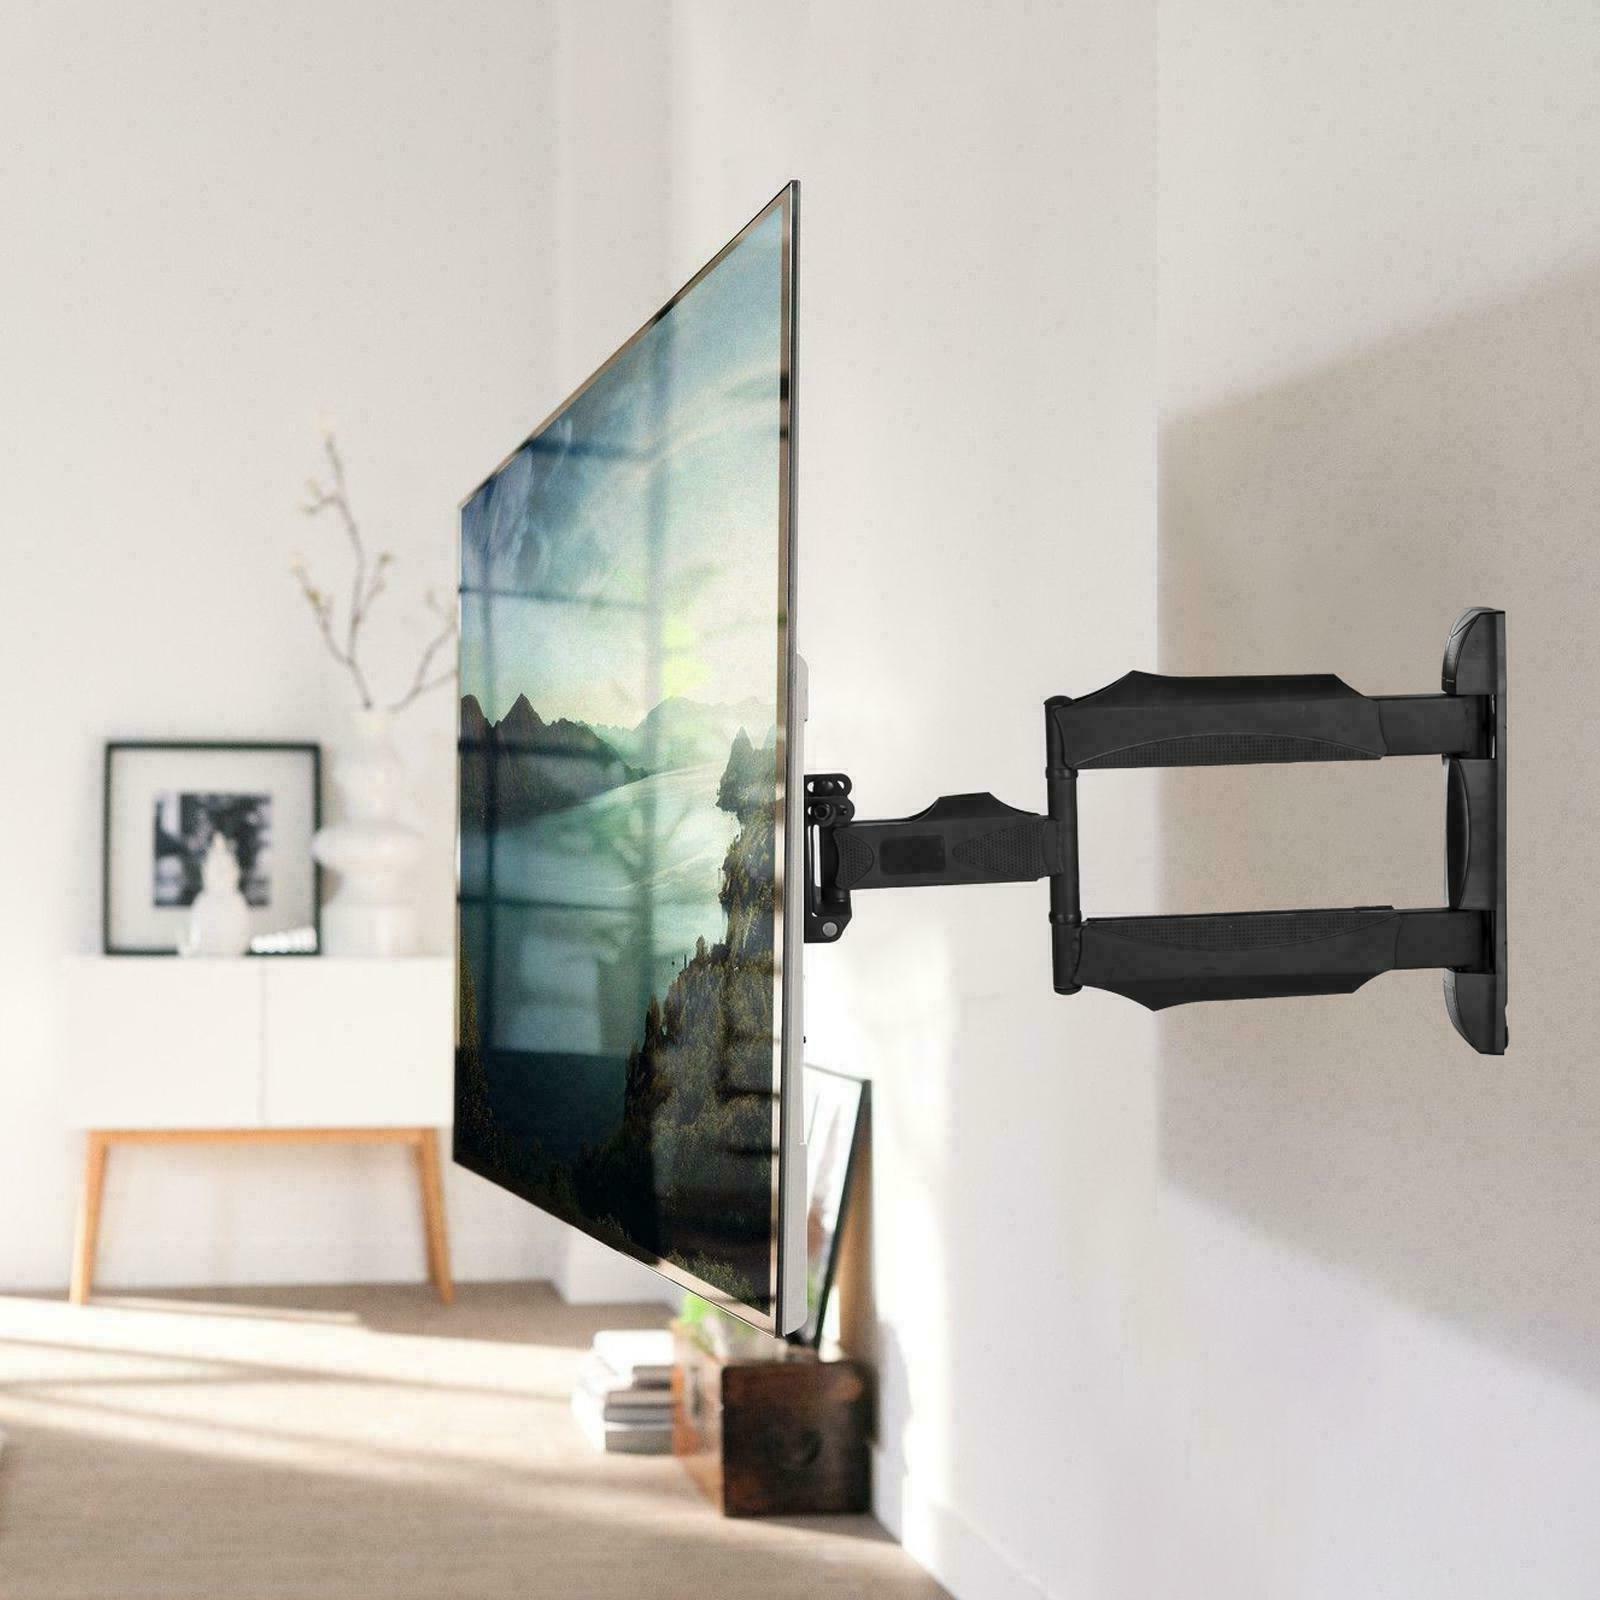 New Full TV Mount Rack Stand For 32-55'' Bracket